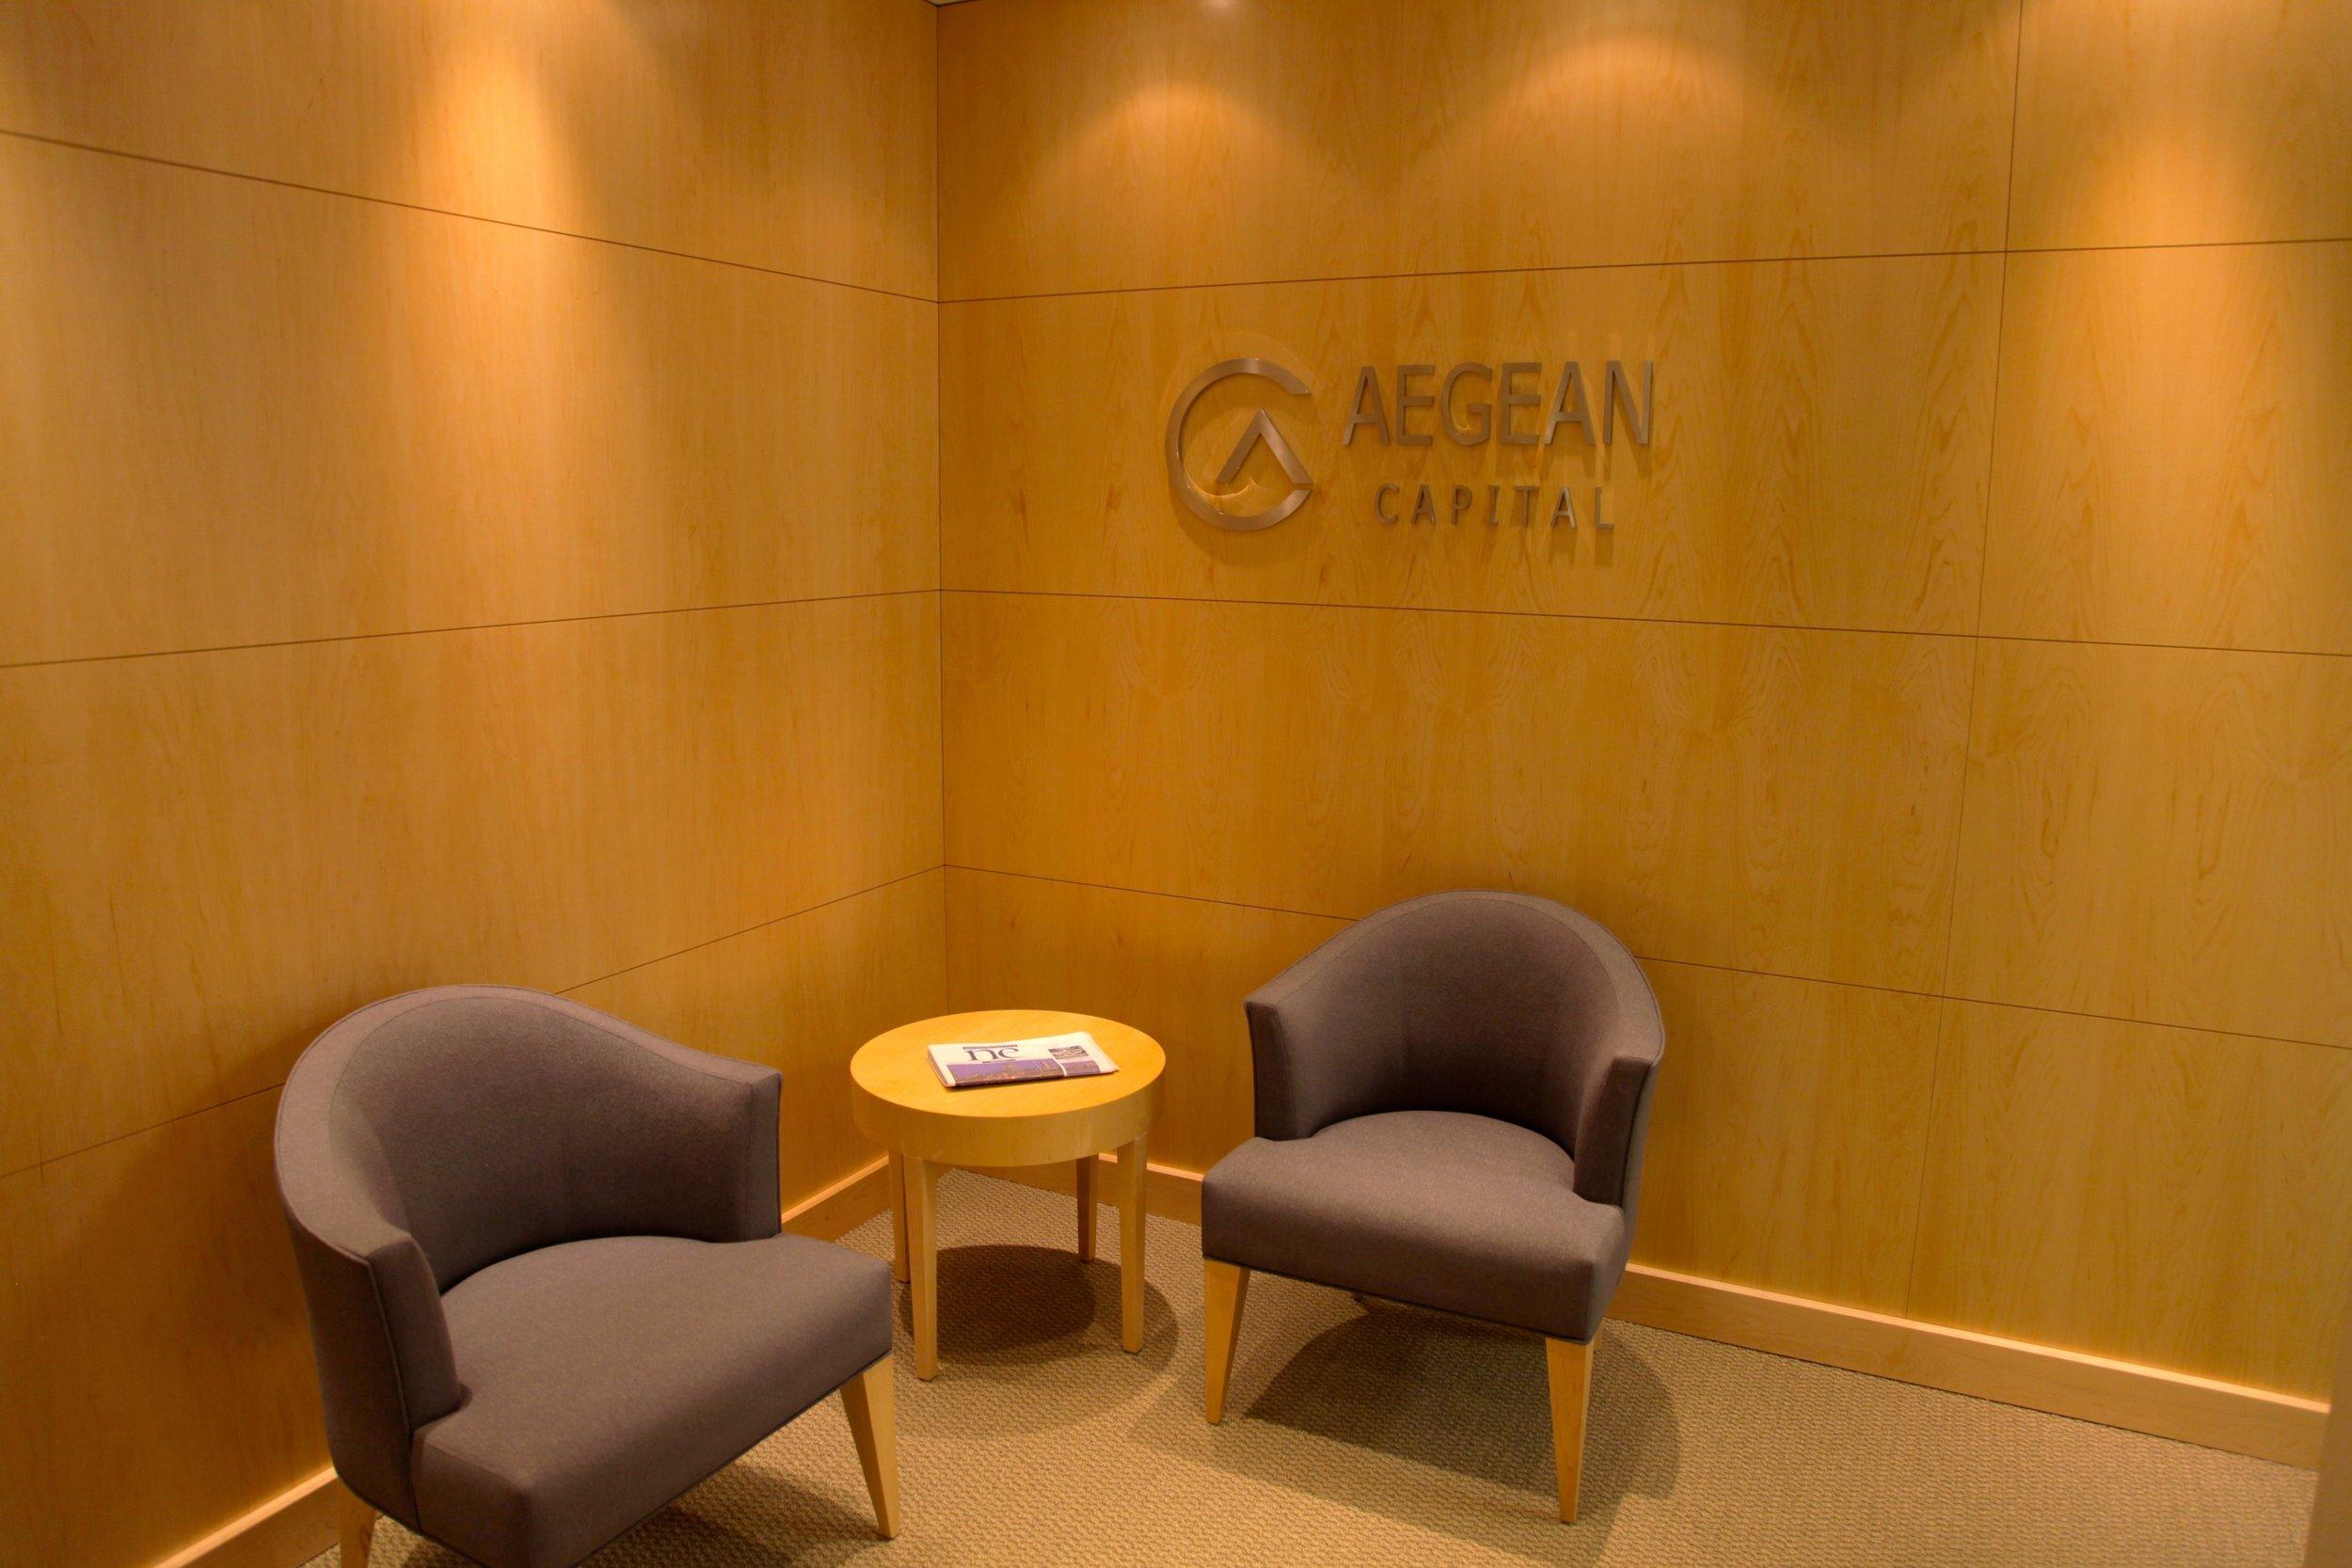 Agean Lobby Area copy.jpg